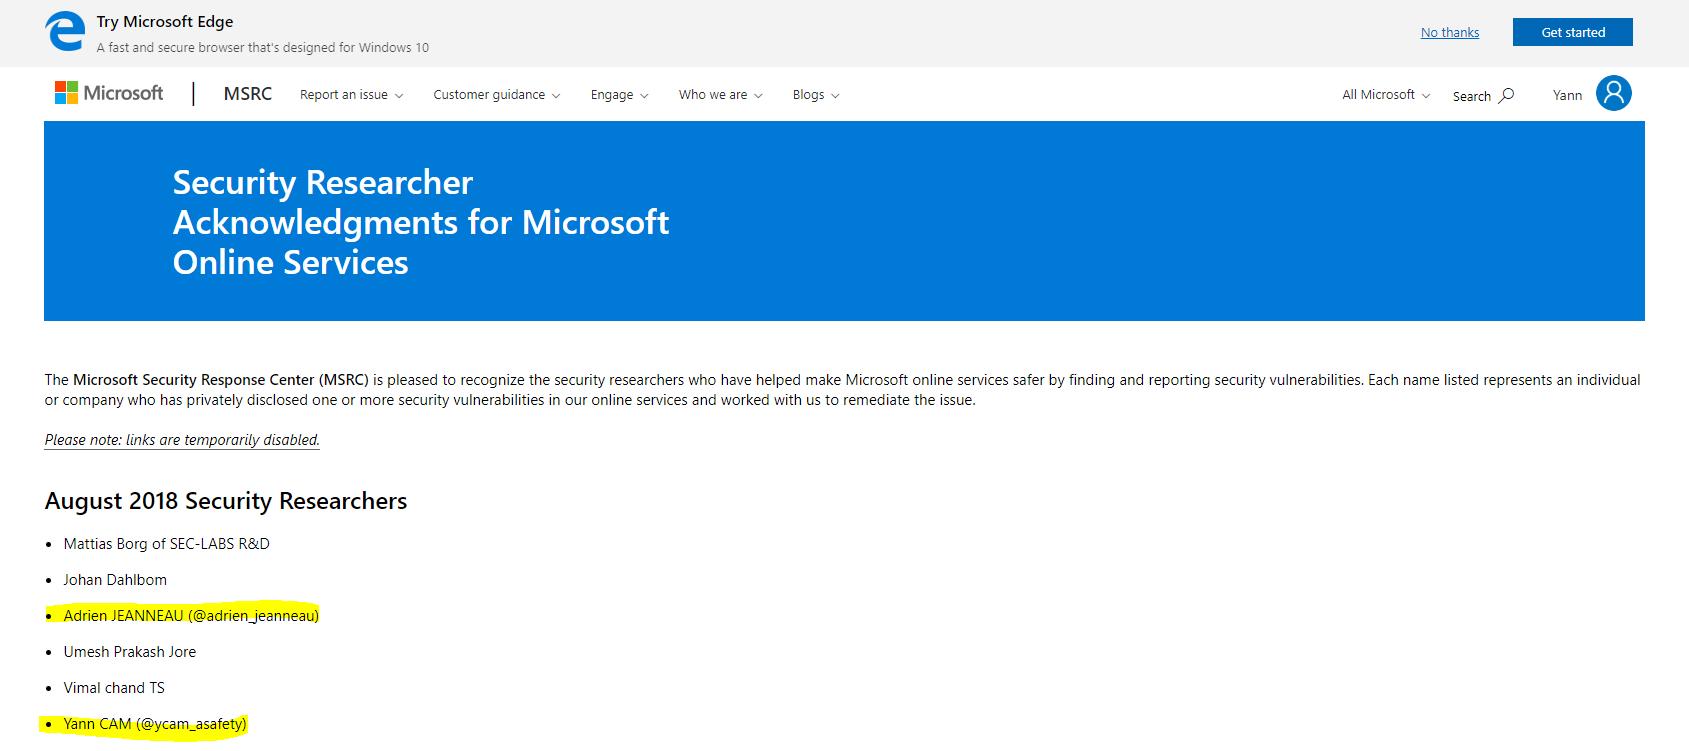 Microsoft Hall of Fame